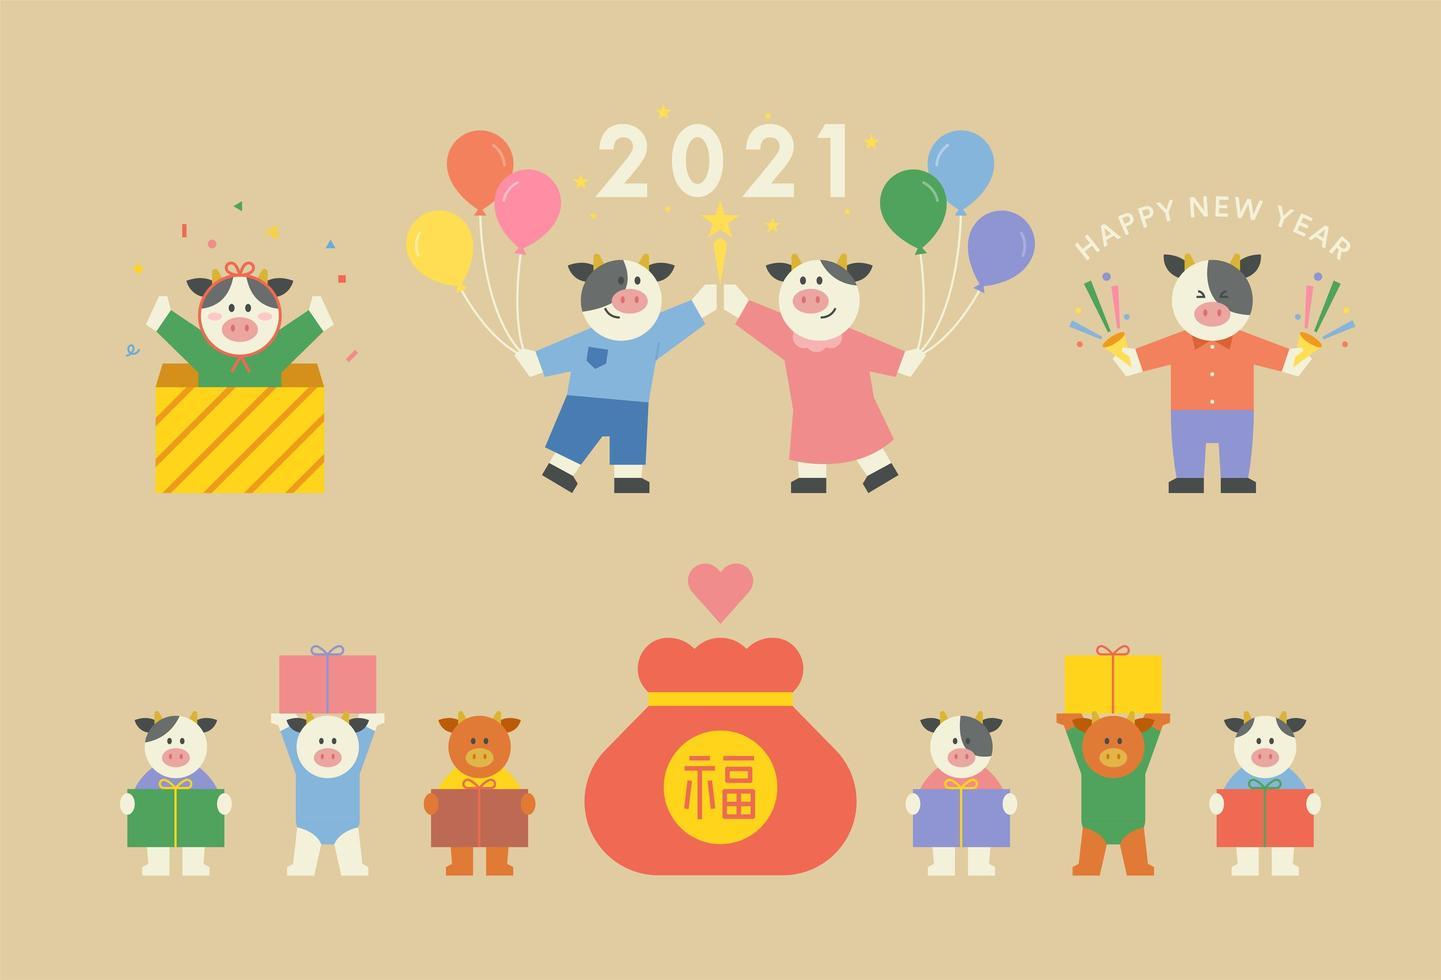 uma vaca simbolizando o ano de 2021. vetor